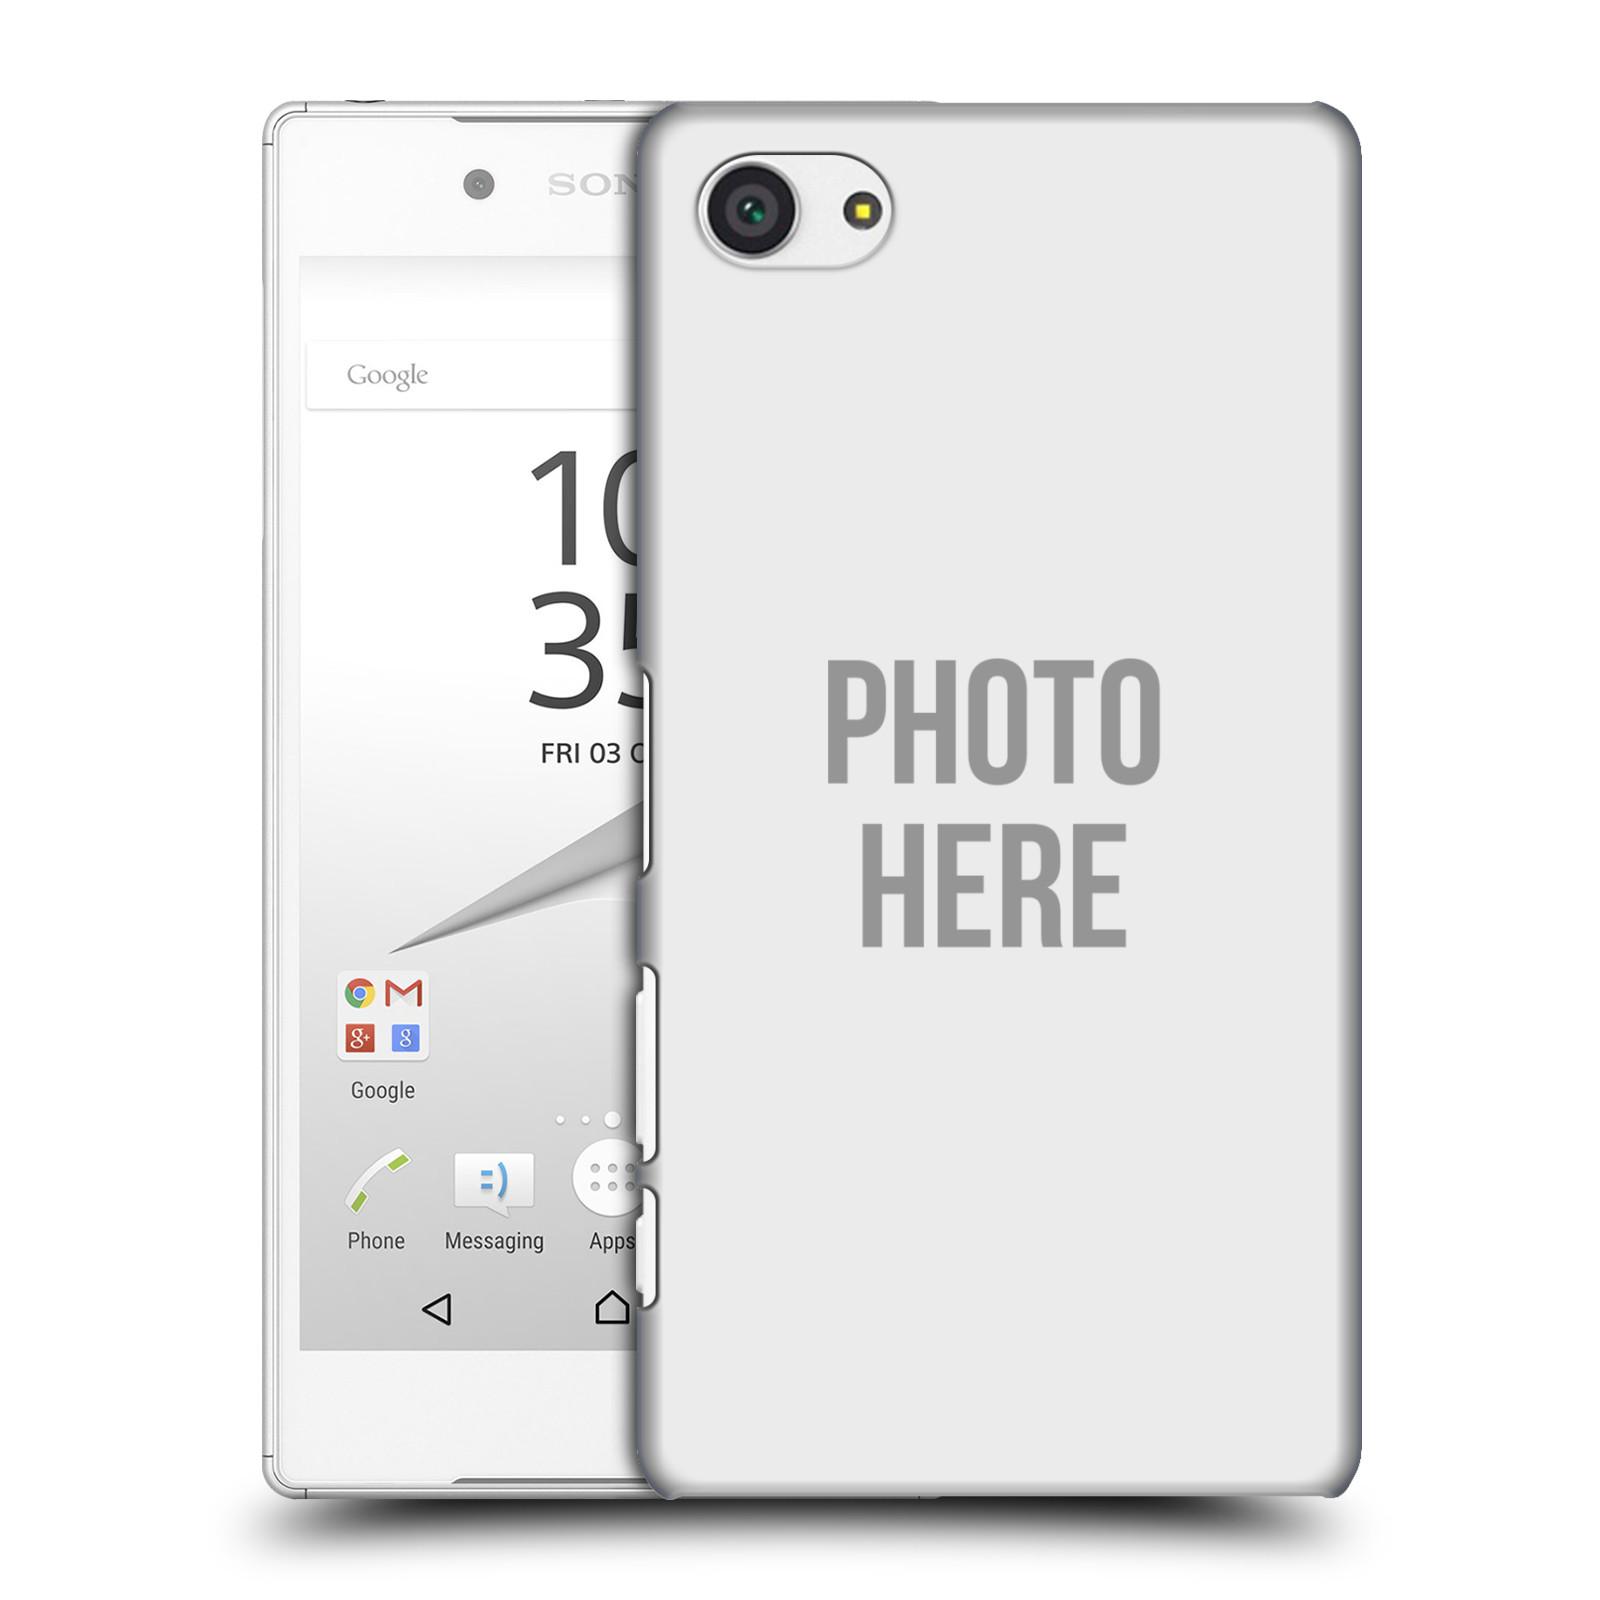 Silikonové pouzdro na mobil Sony Xperia Z5 Compact HEAD CASE s vlastním motivem (Silikonový kryt či obal s vlastní fotografií na mobilní telefon Sony Xperia Z5 Compact E5823)